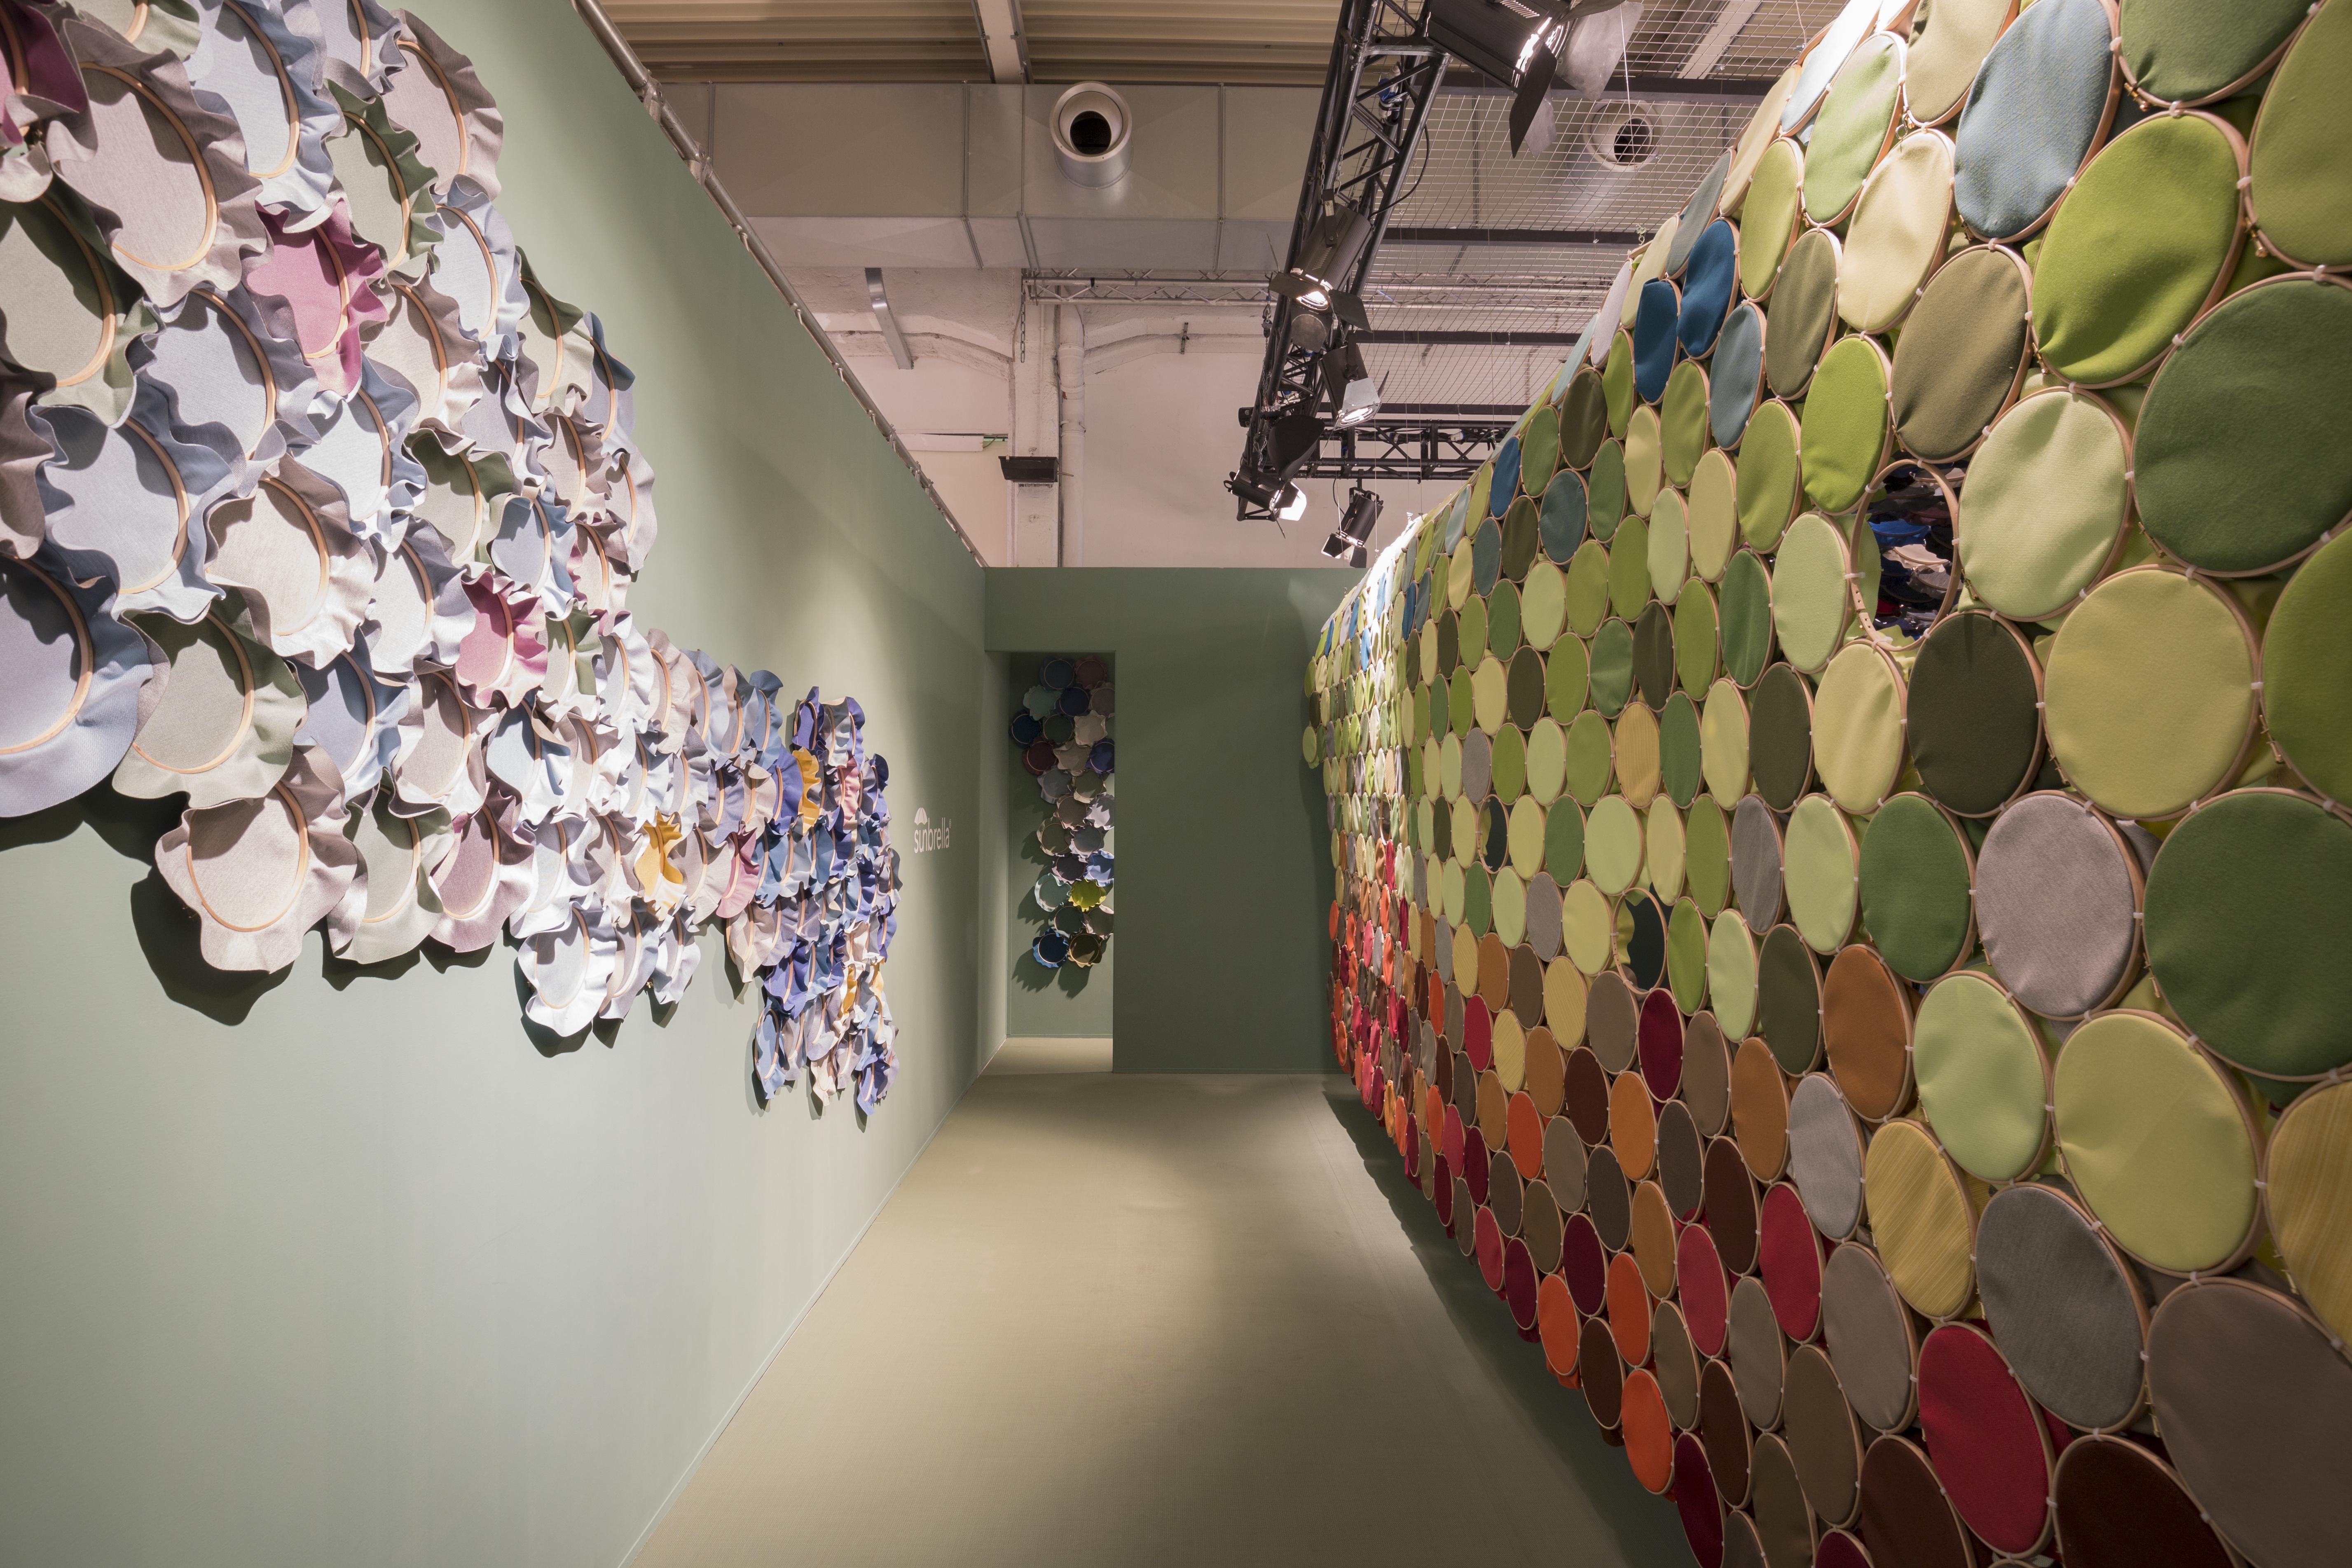 sunbrella_canopy_elise_fouin_design_2